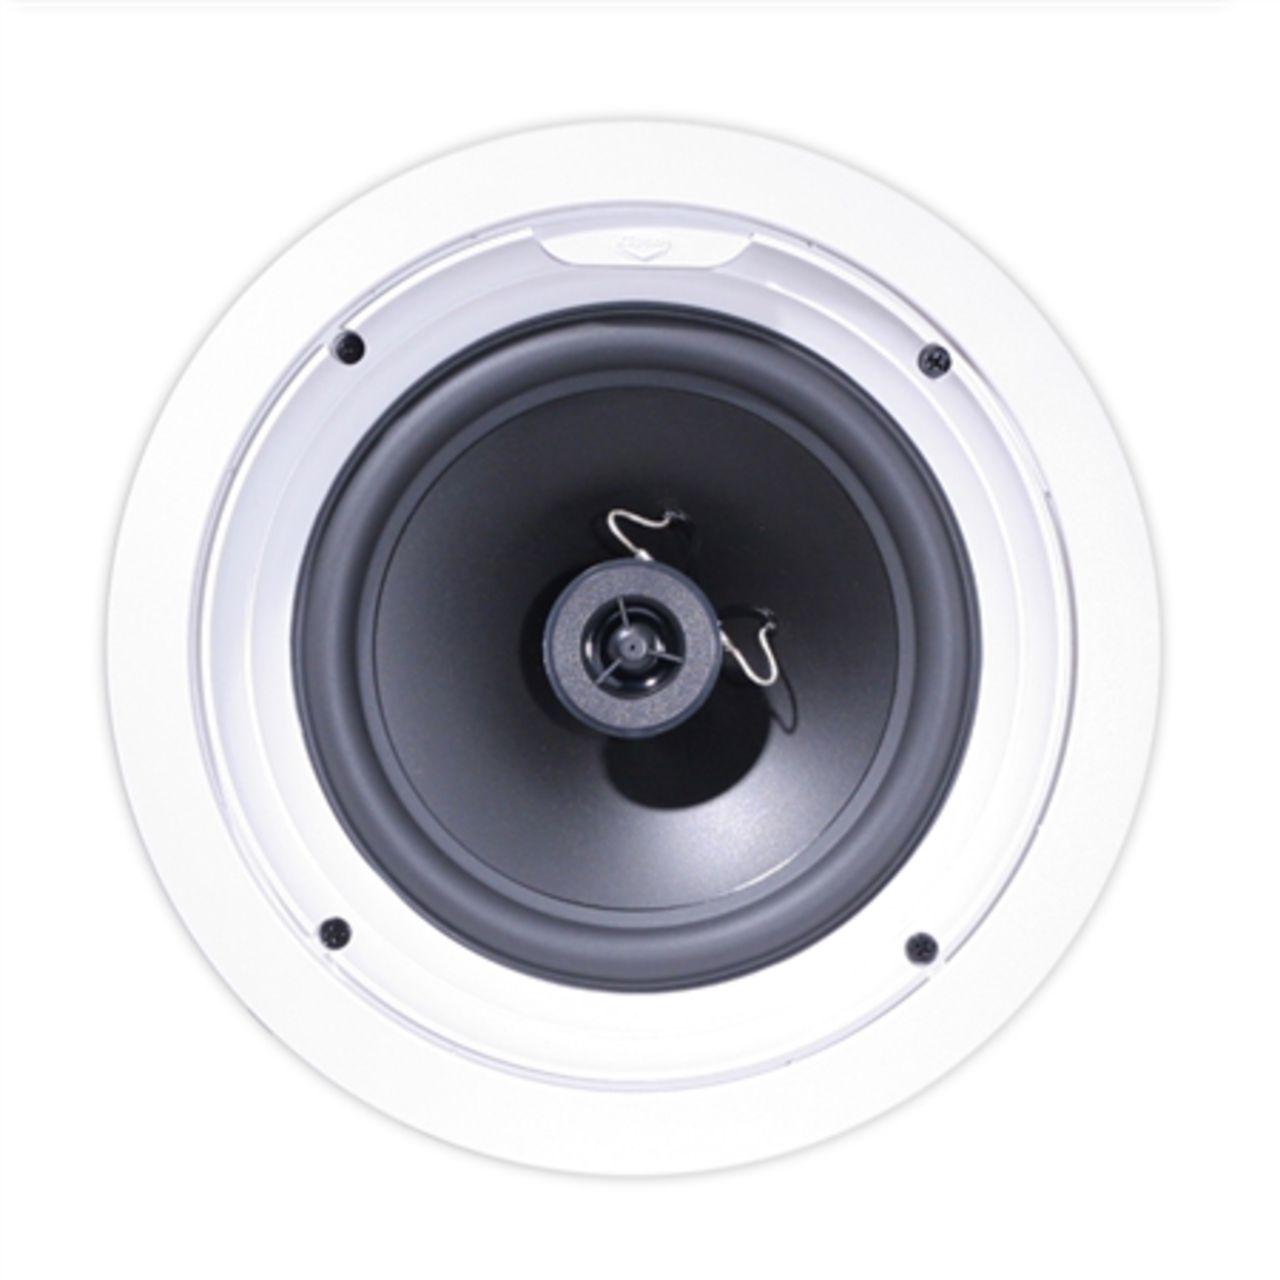 Inbouw speakers kopen? | Online Internetwinkel